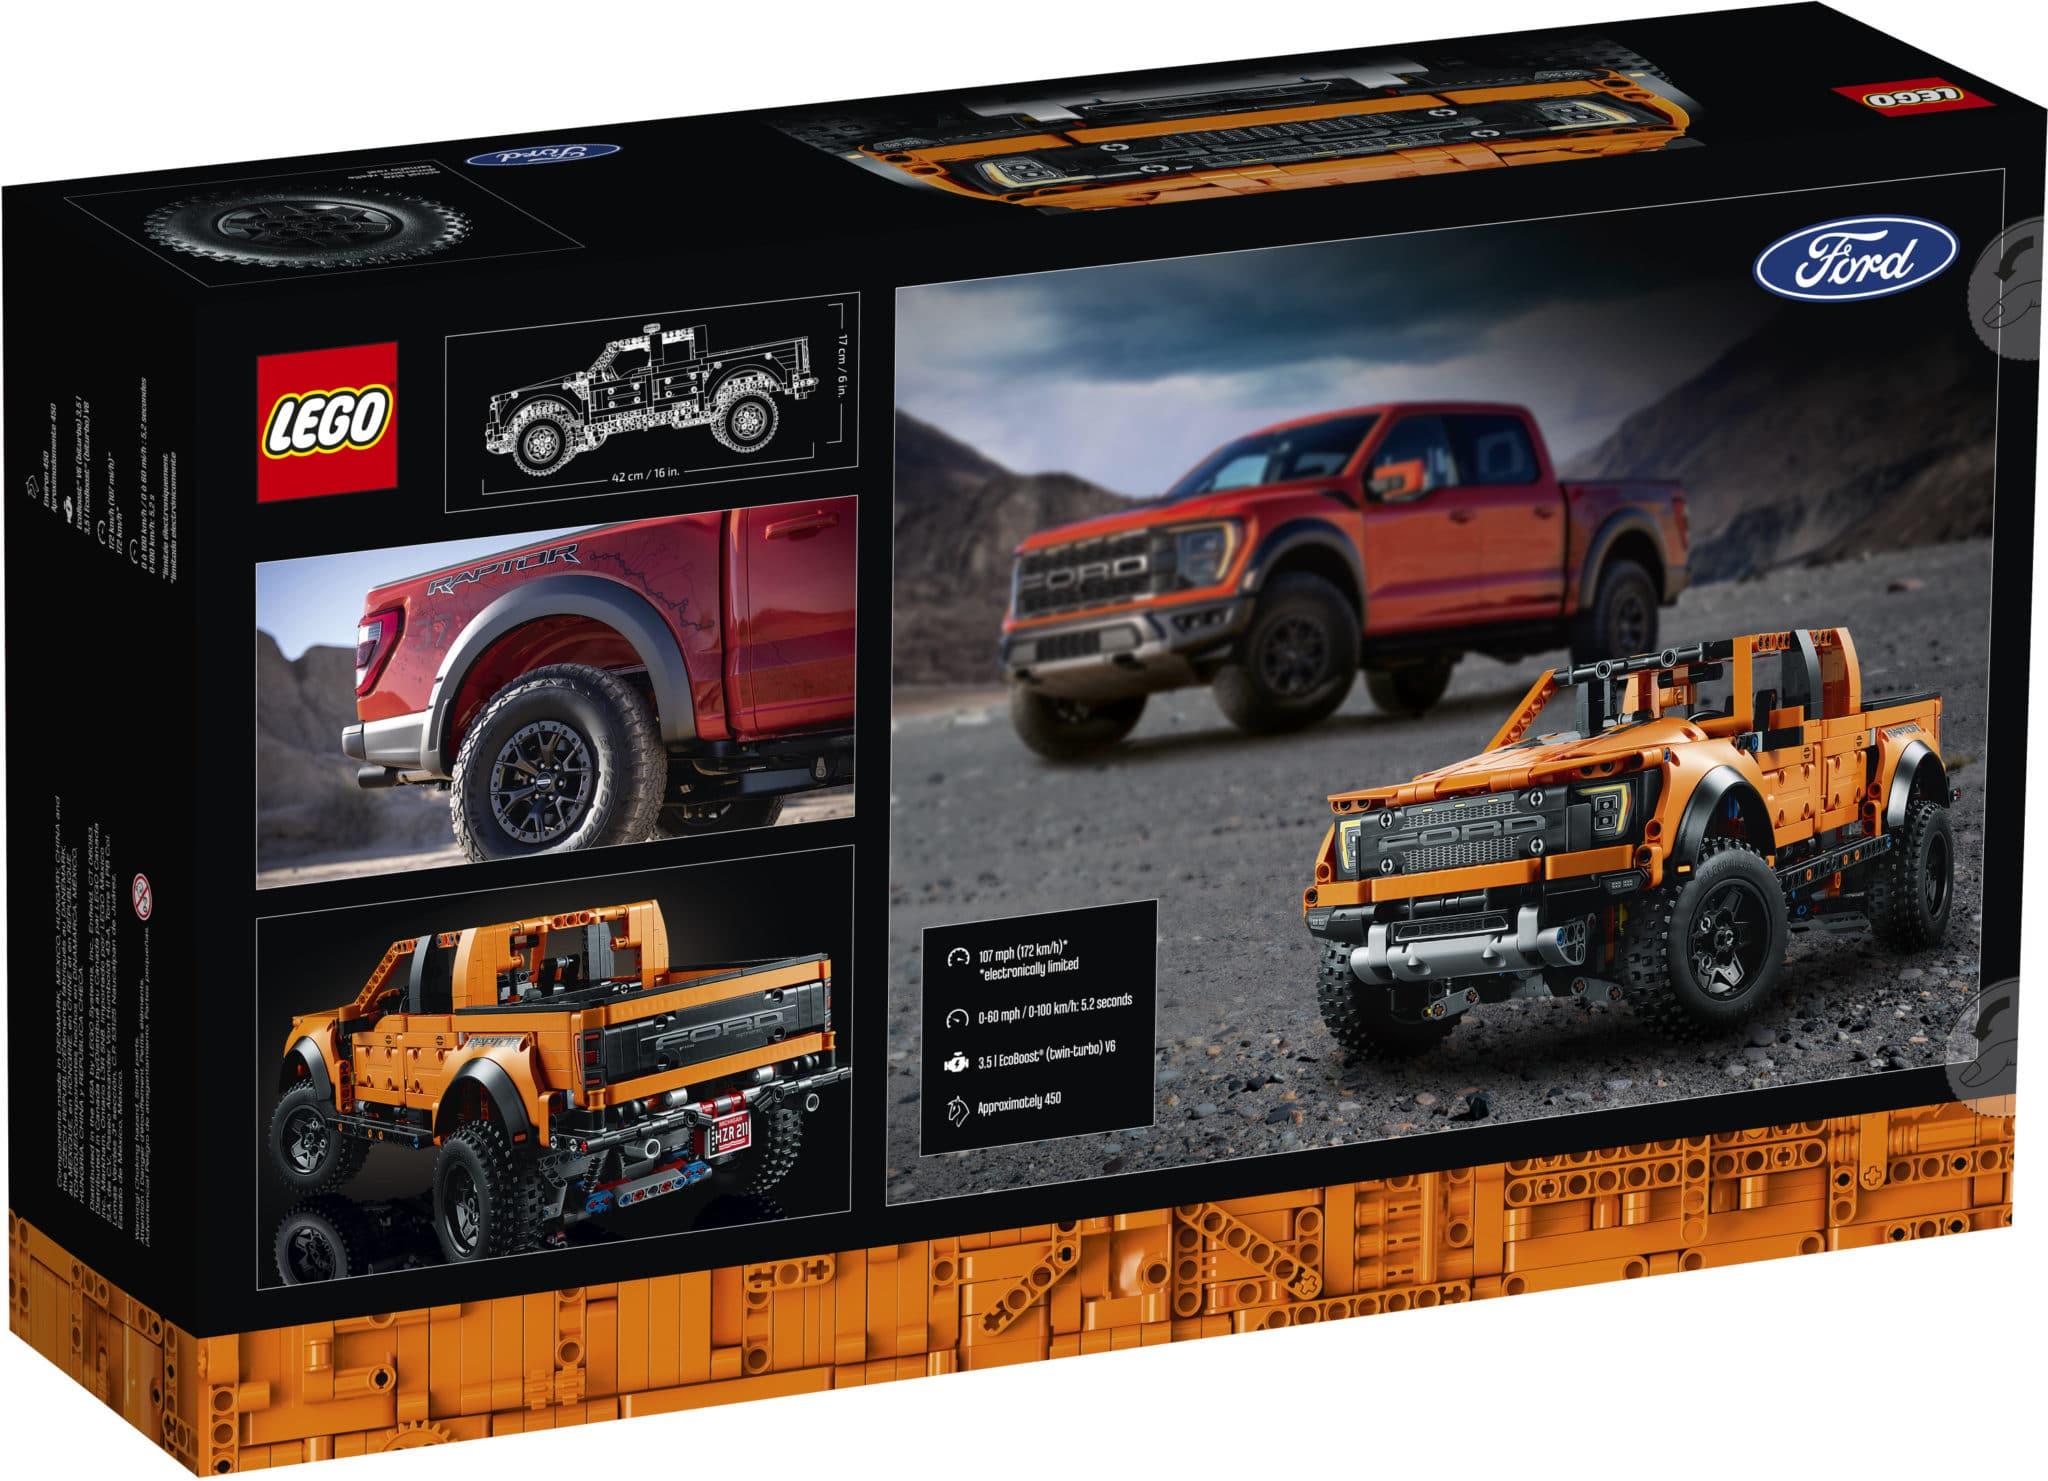 LEGO Technic 42126 Ford Raptor 2